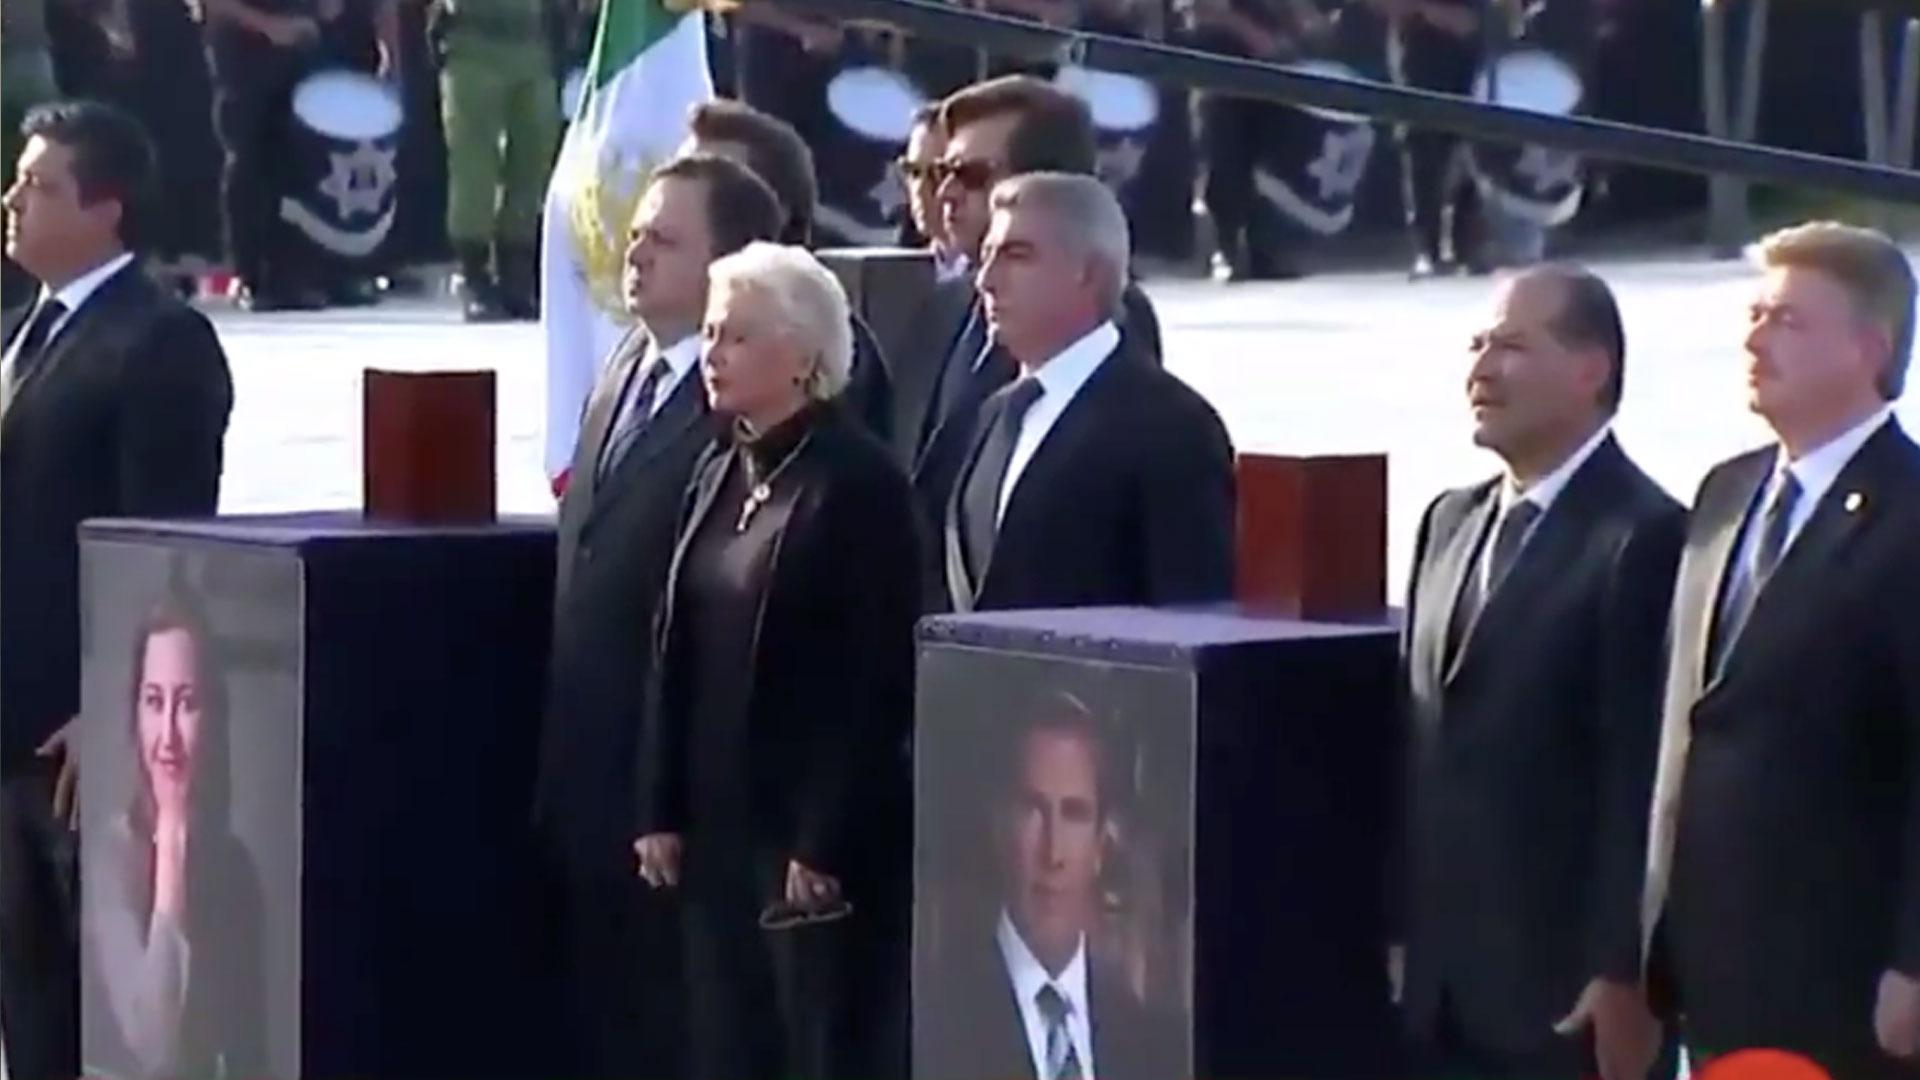 El 25 de diciembre se realizó el funeral de los ex gobernadores de Puebla y los 3 tripulantes que viajaban en el helicóptero (Foto: Captura Forotv, Televisa)